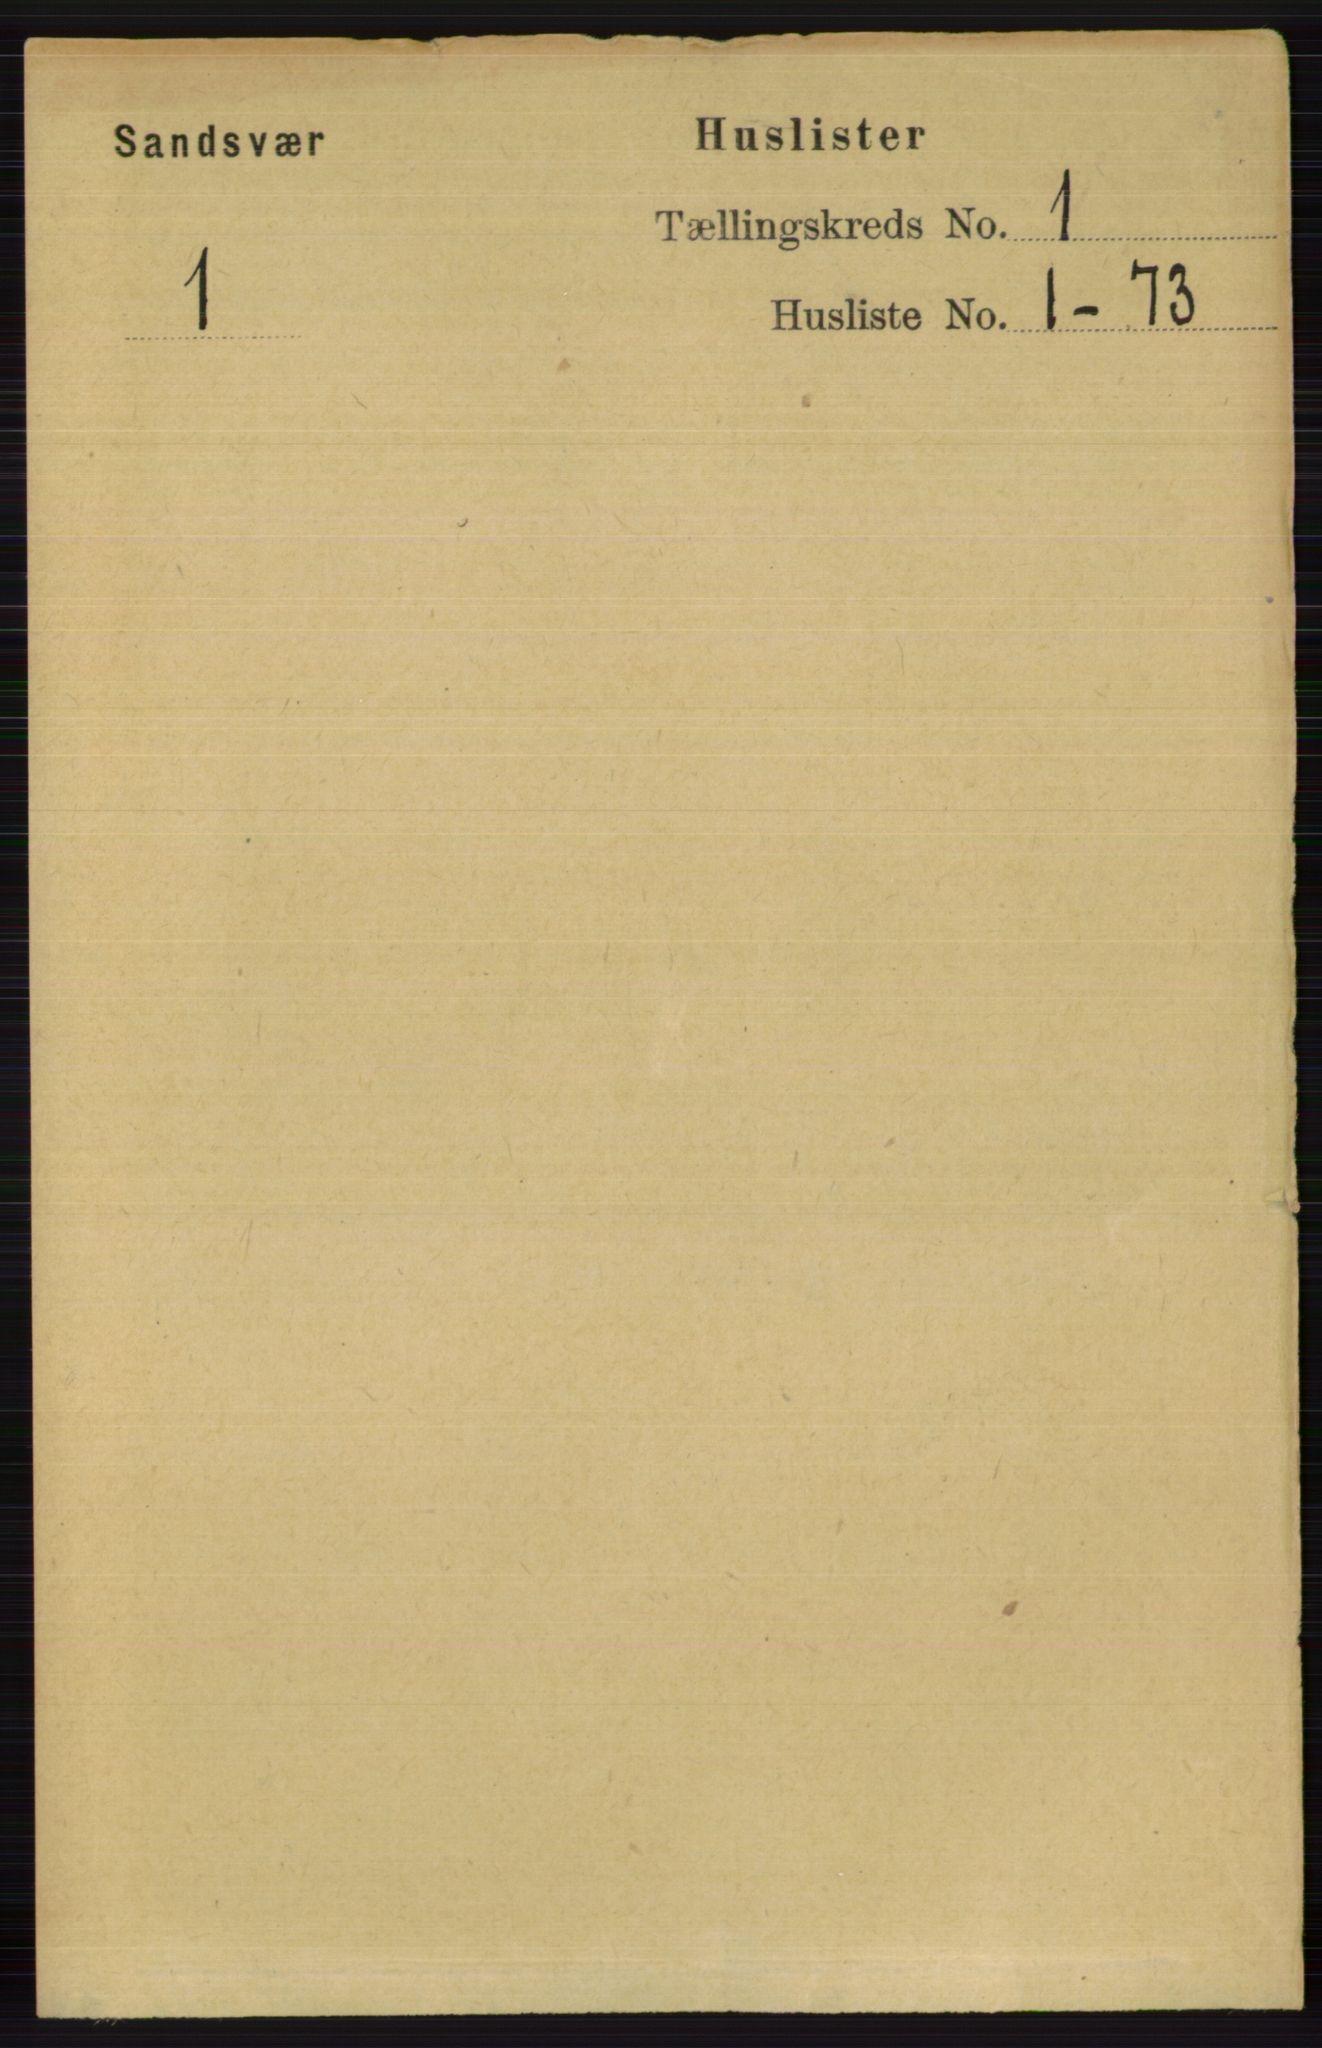 RA, Folketelling 1891 for 0629 Sandsvær herred, 1891, s. 41